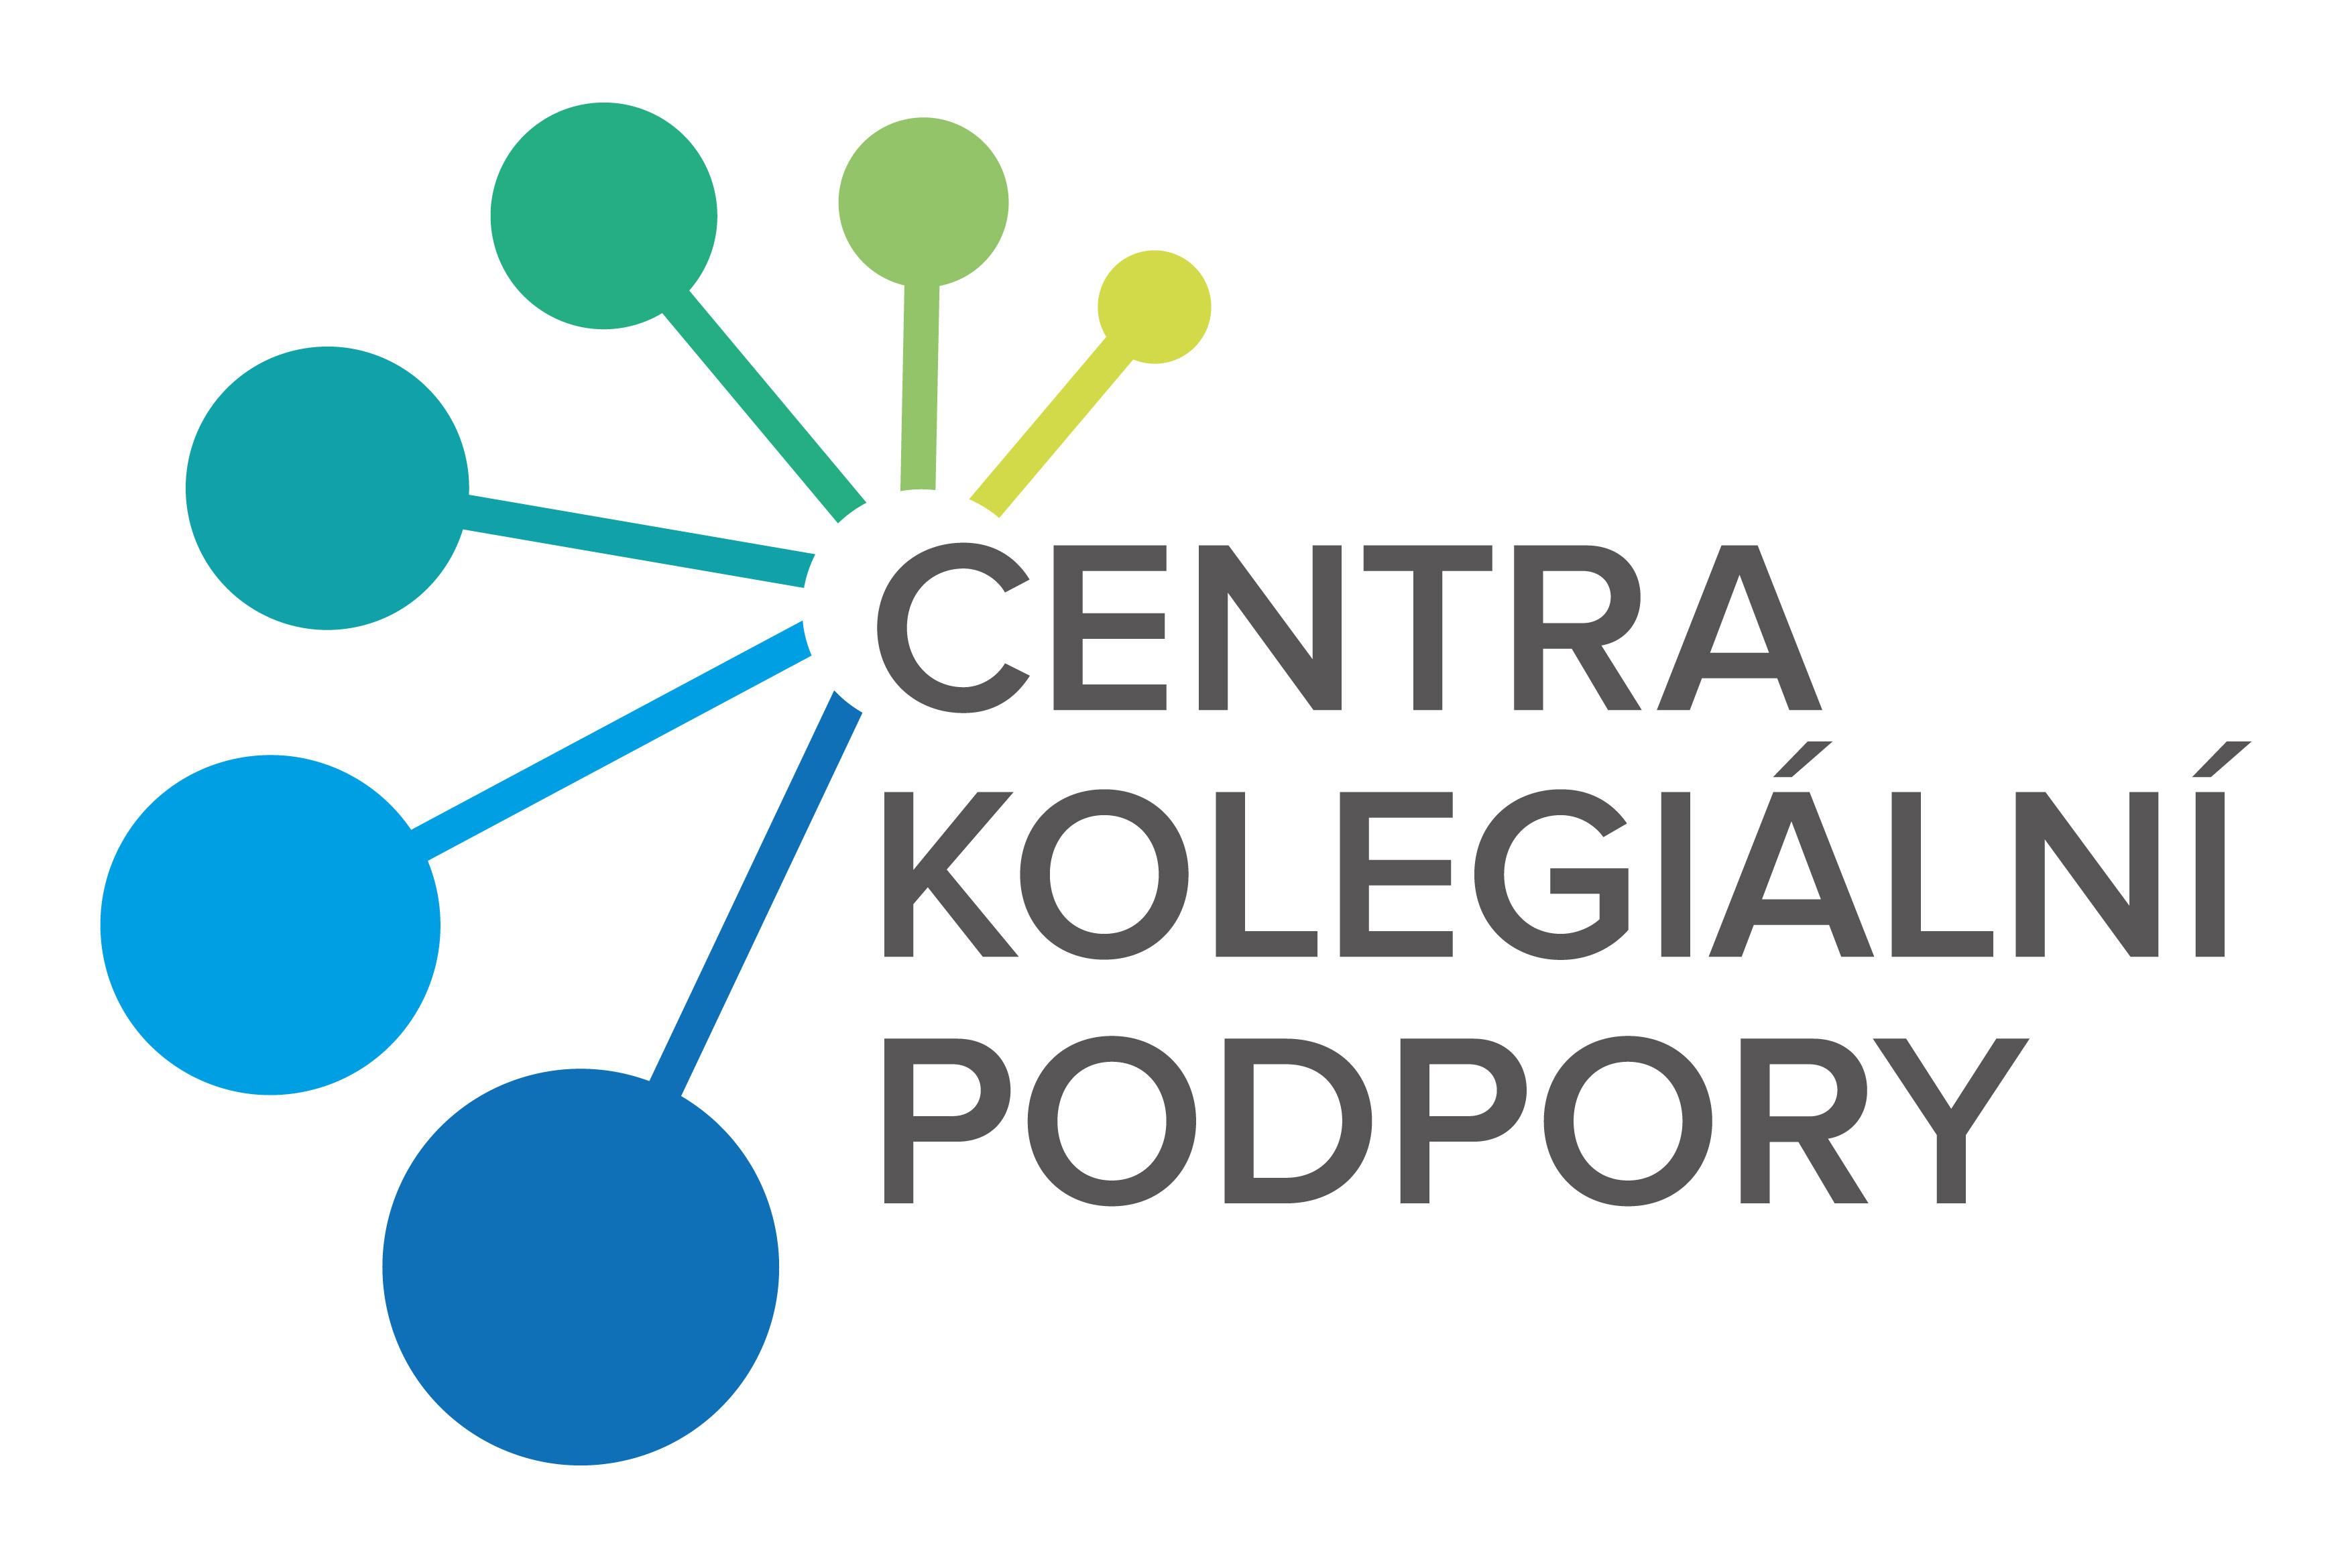 CKP_logotyp_barevny_RGB